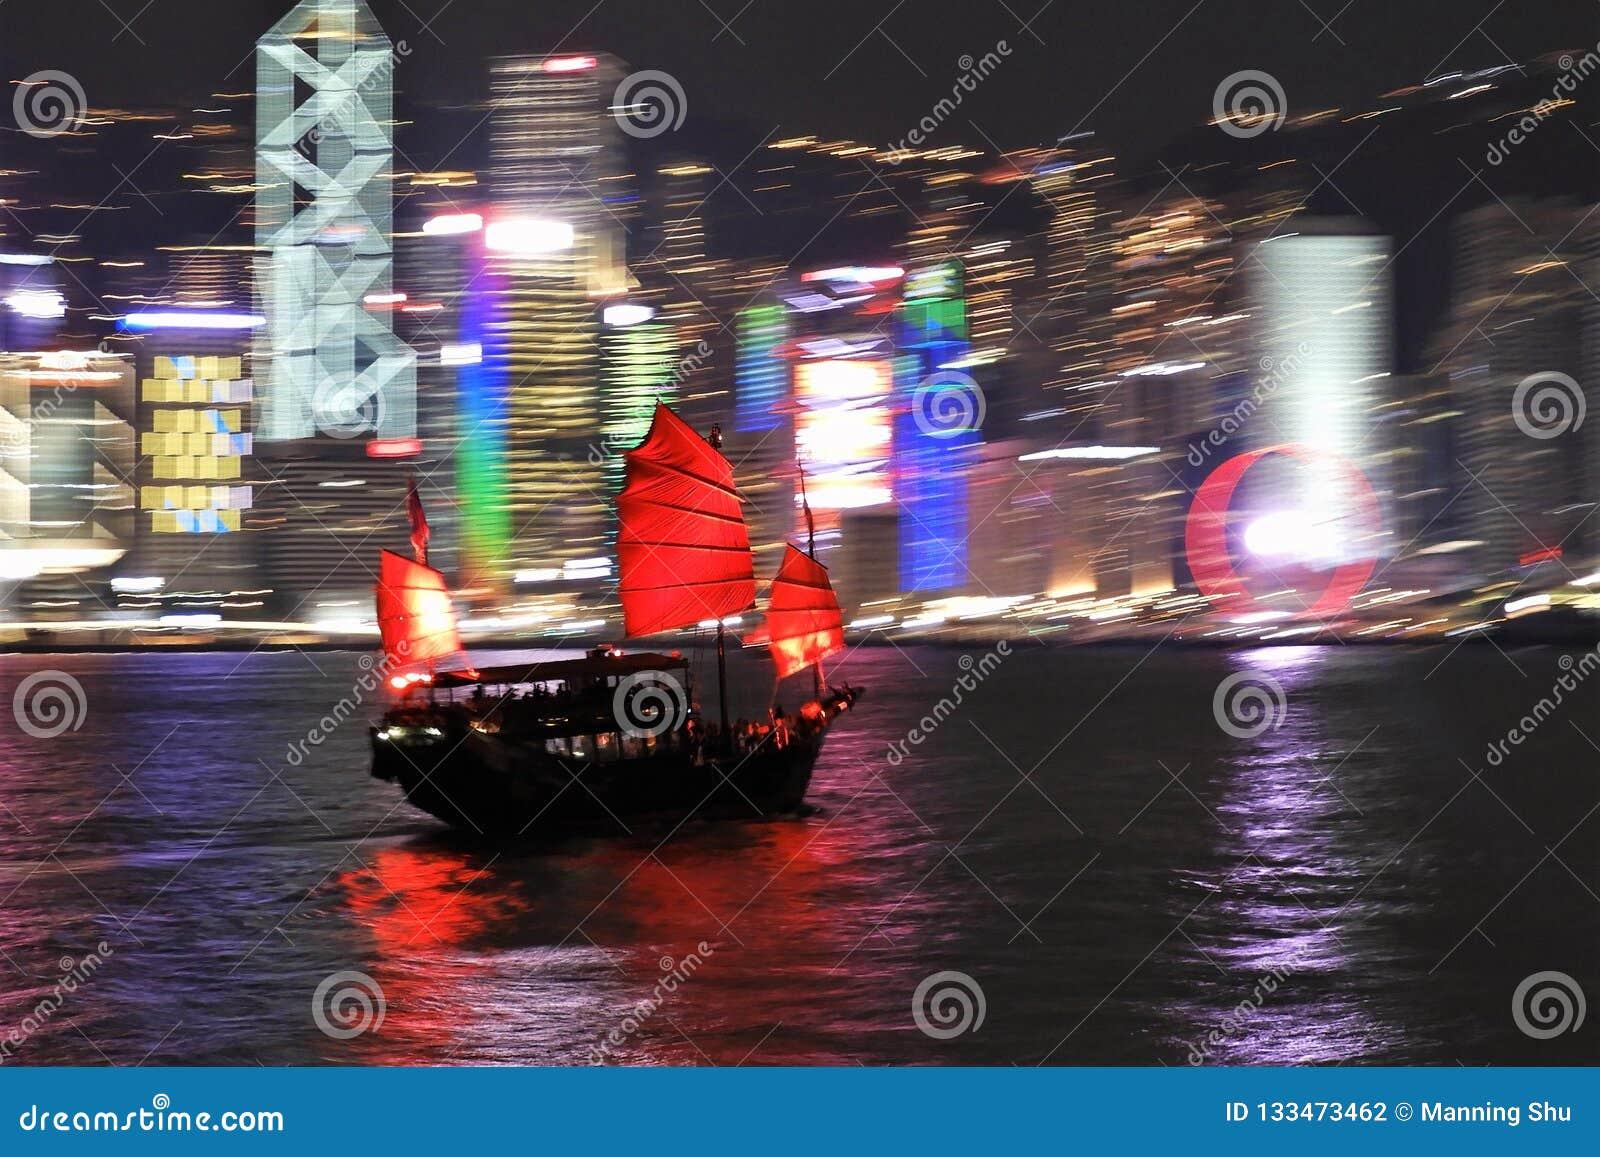 Borrão de Hong Kong Junk Boat Motion